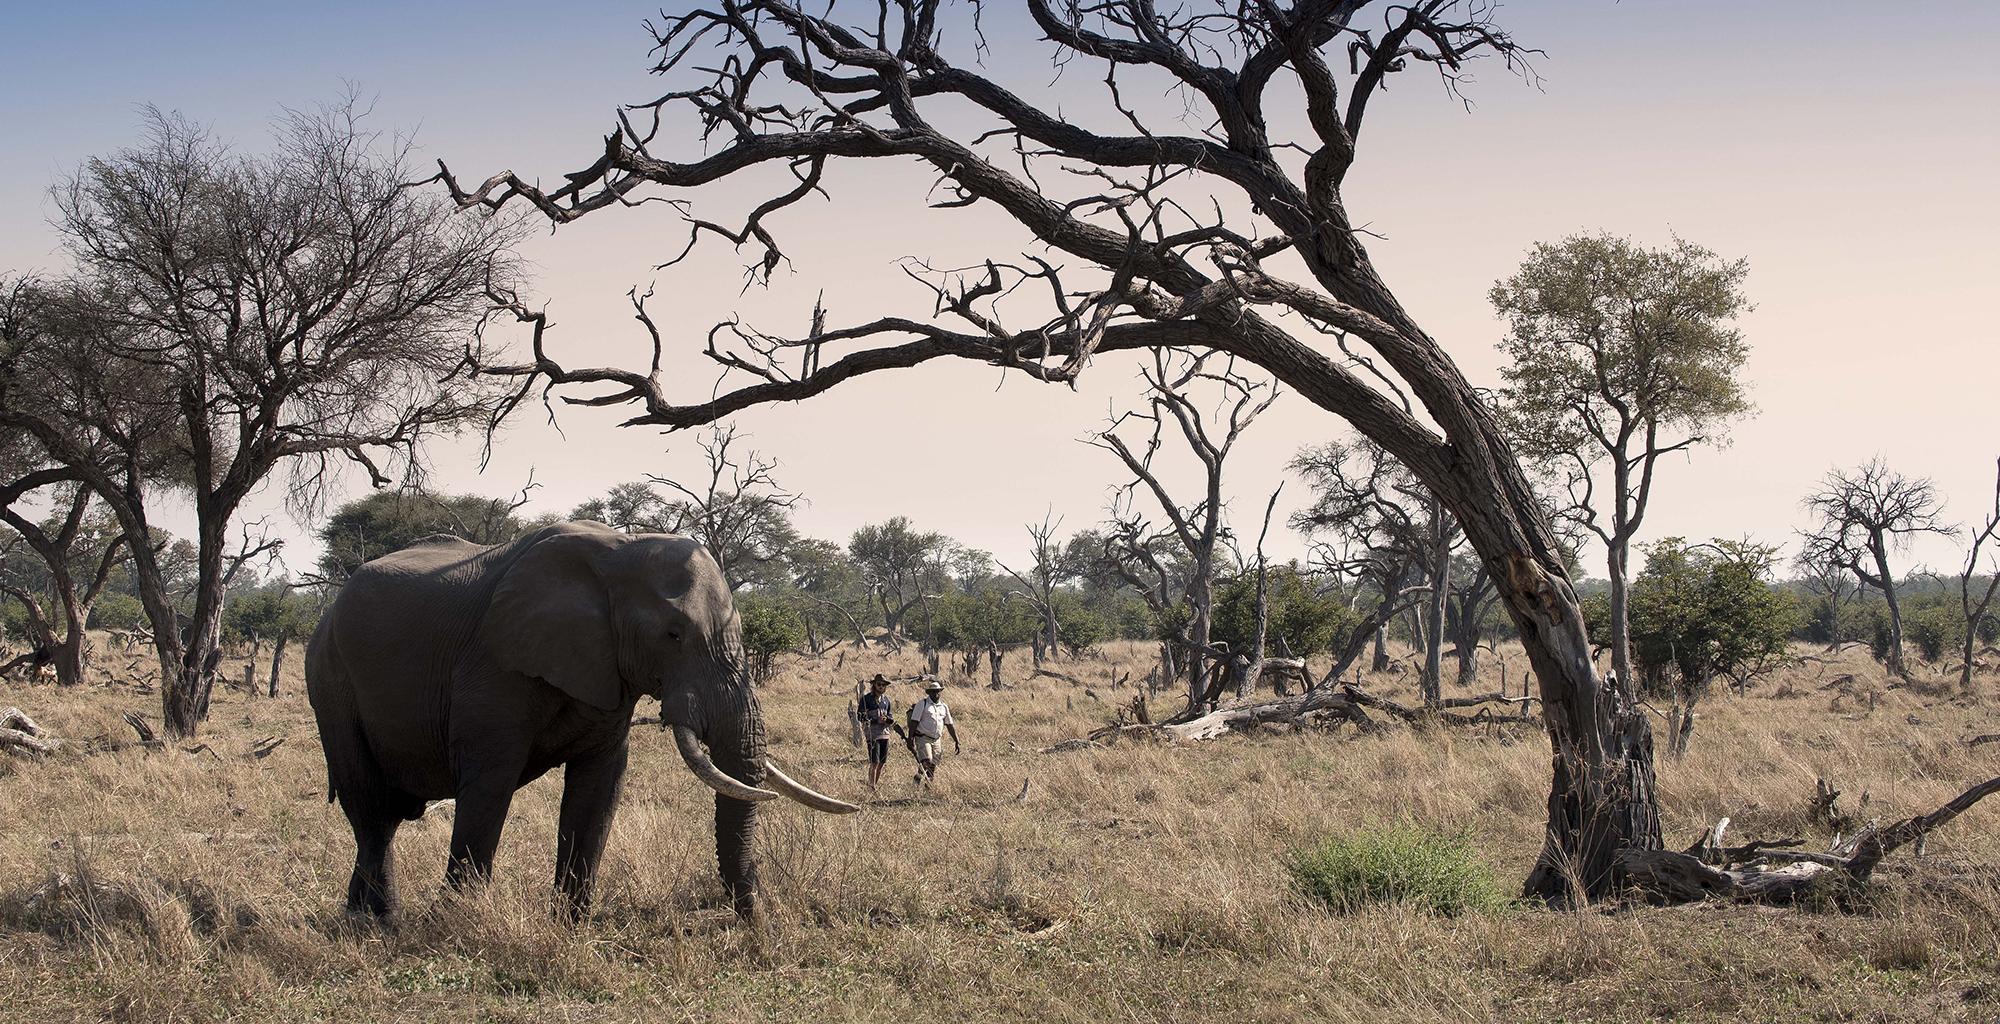 Botswana-Khwai-Bush-Elephant